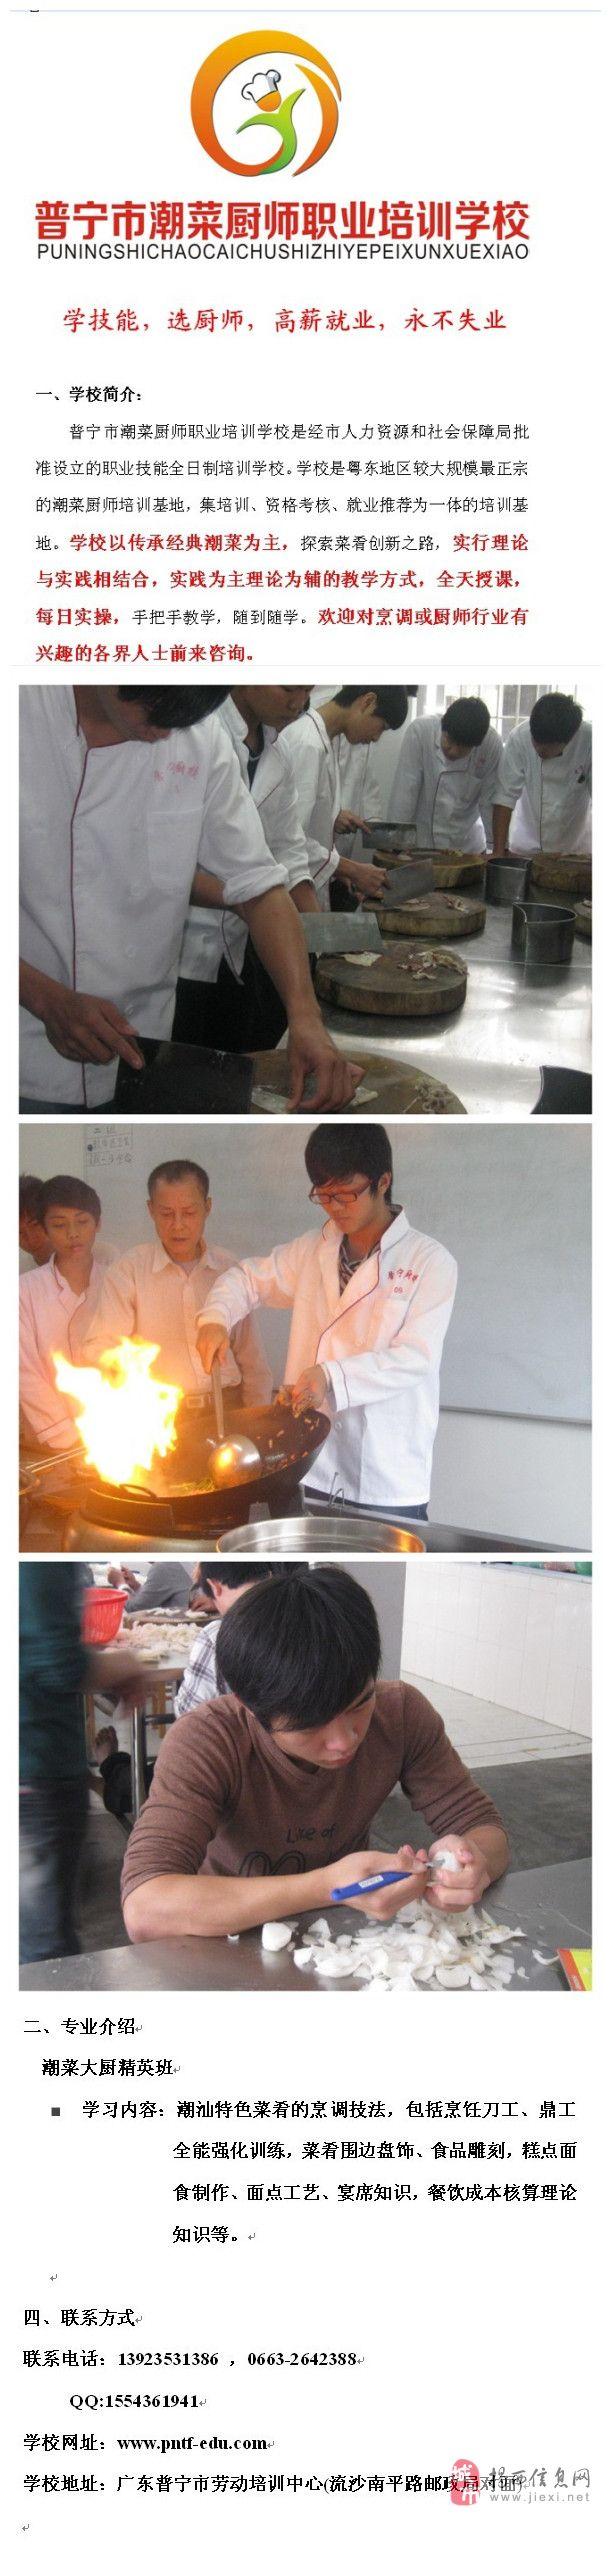 普寧潮菜廚師培訓學校秋季招生